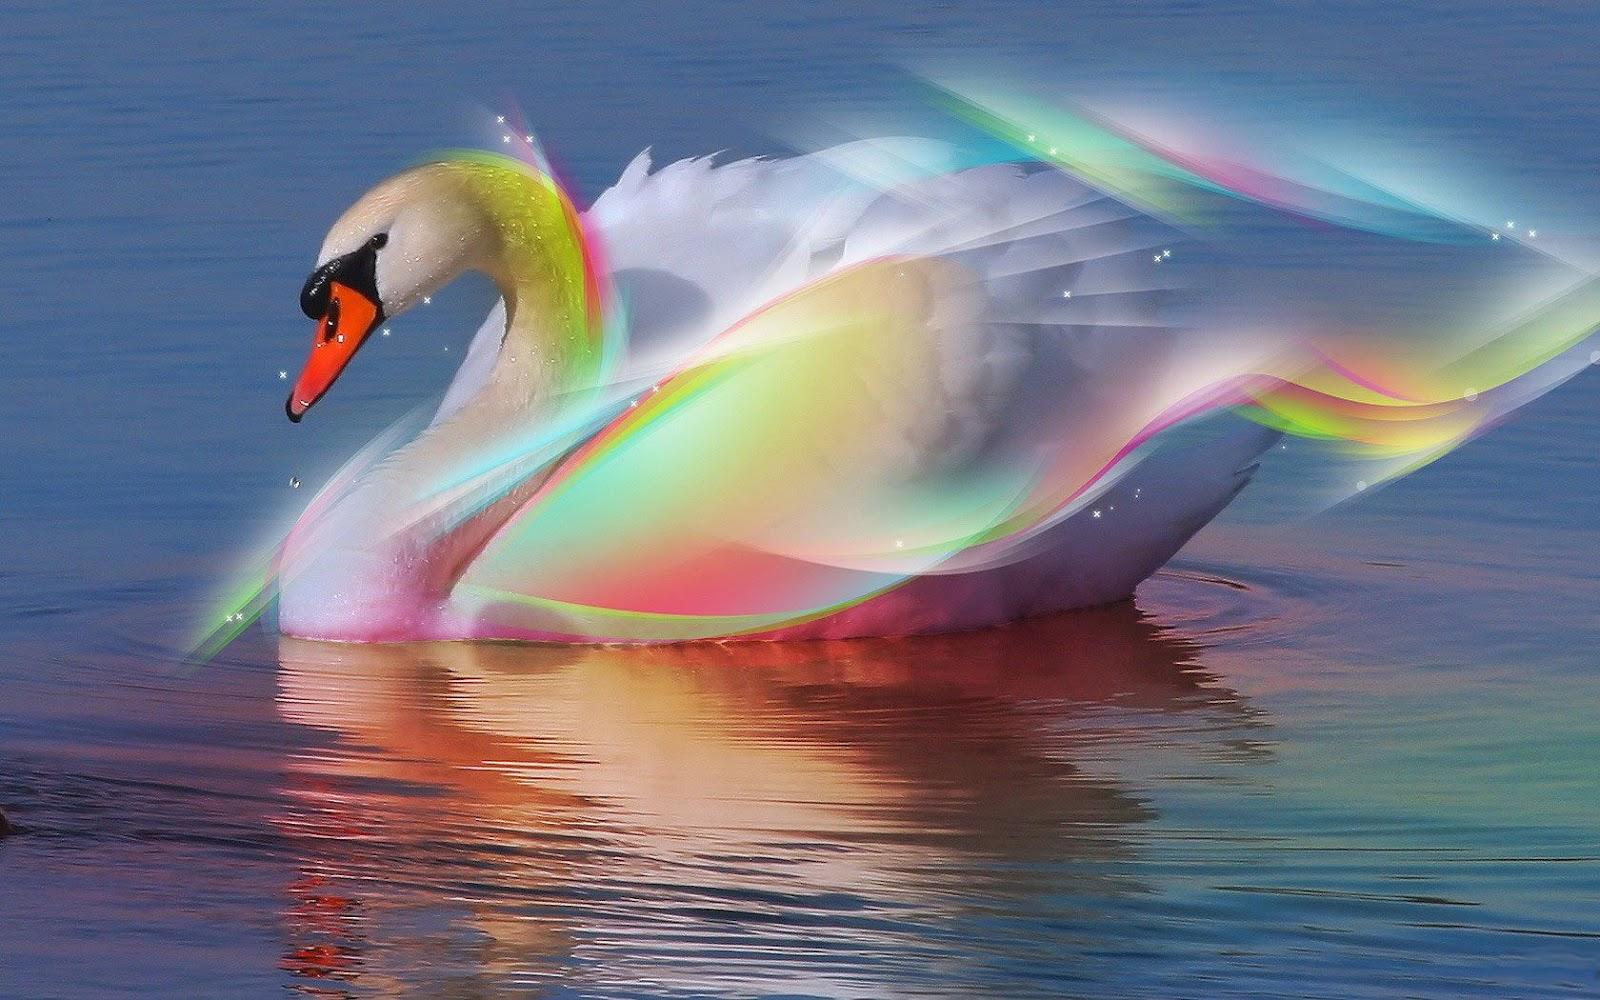 Swan wallpapers b n v x y d ng c ng ngh x y d ng - Swan wallpapers for desktop ...